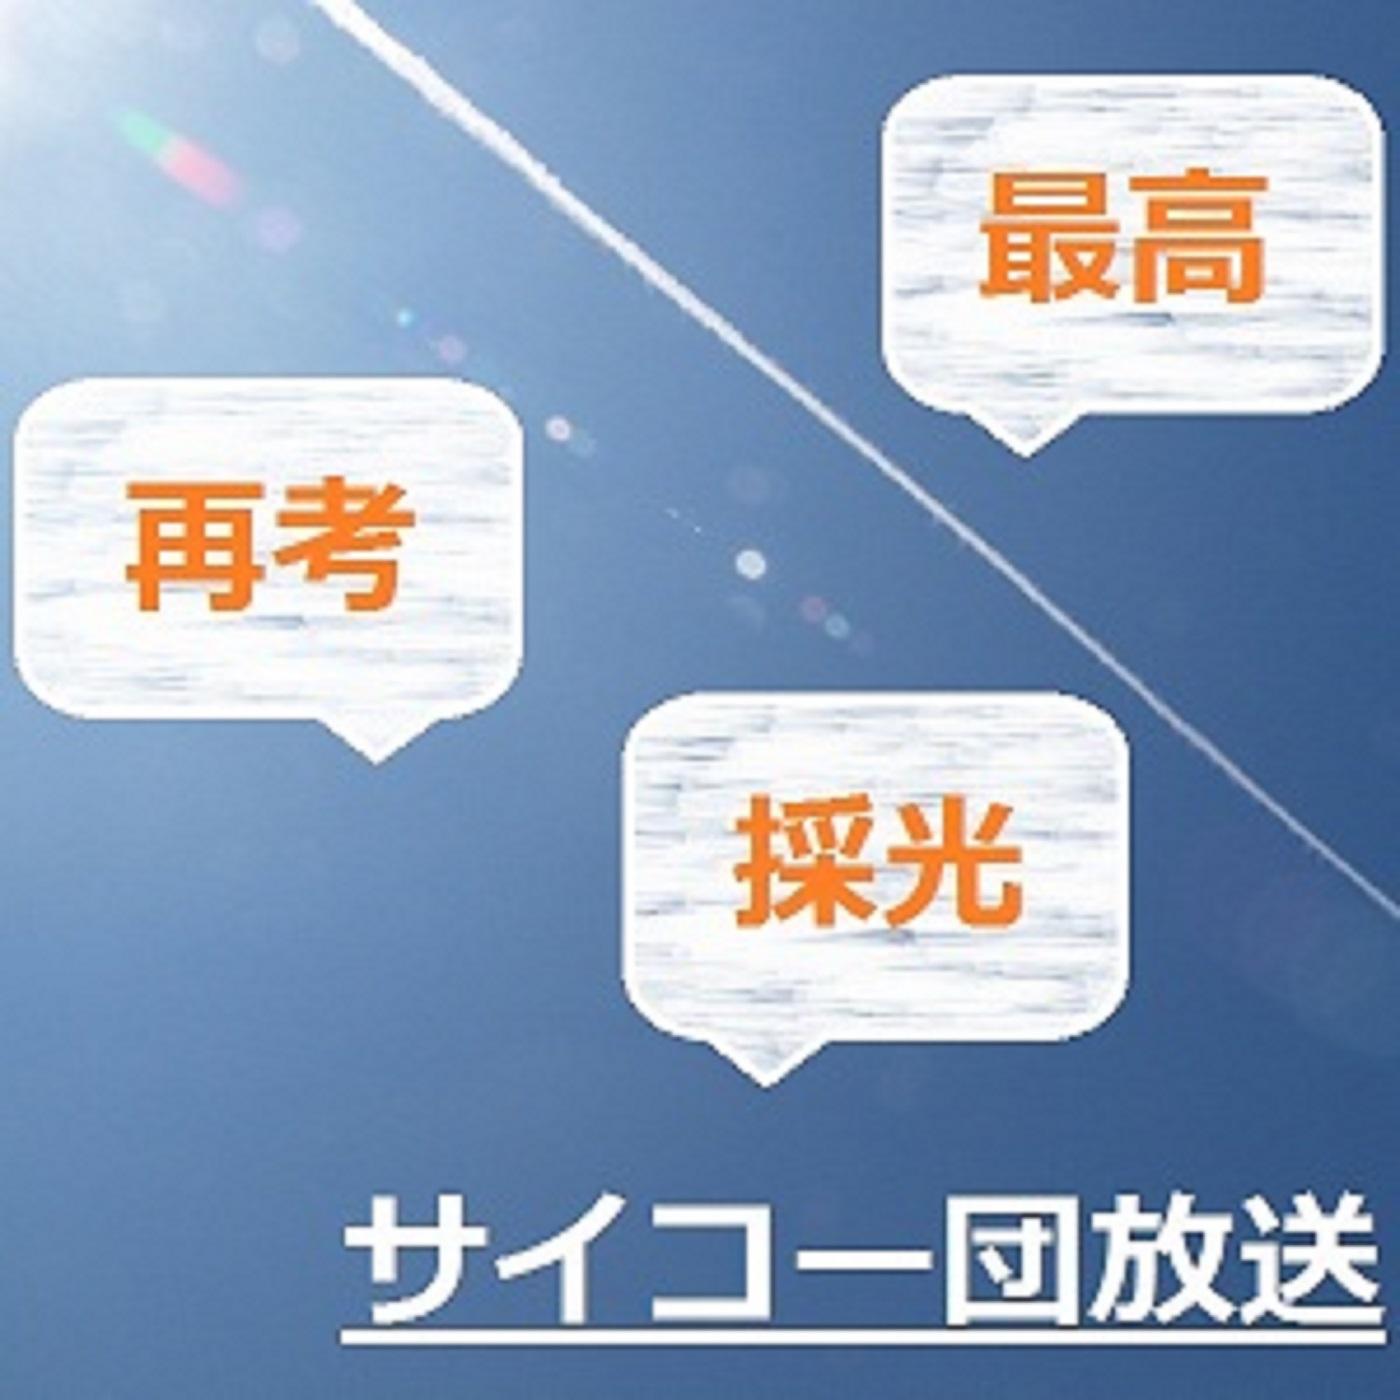 サイコー団放送